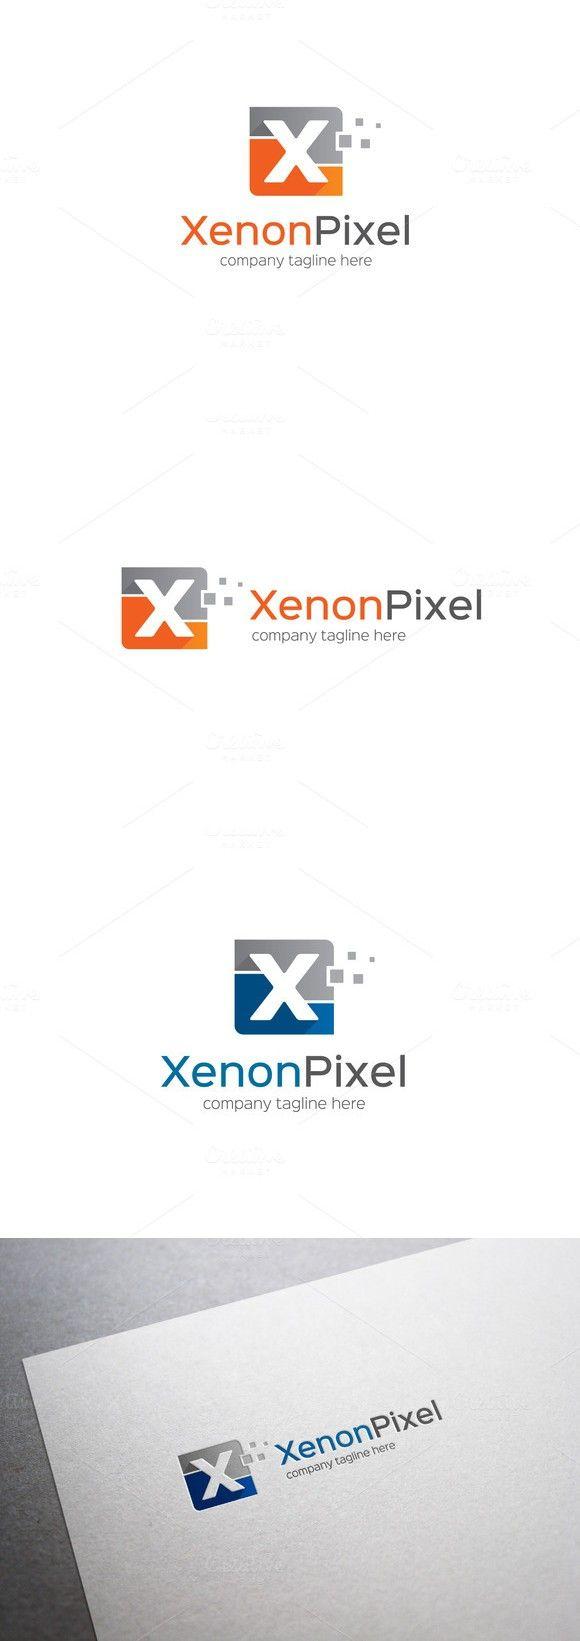 Xenon Pixel Letter X Logo